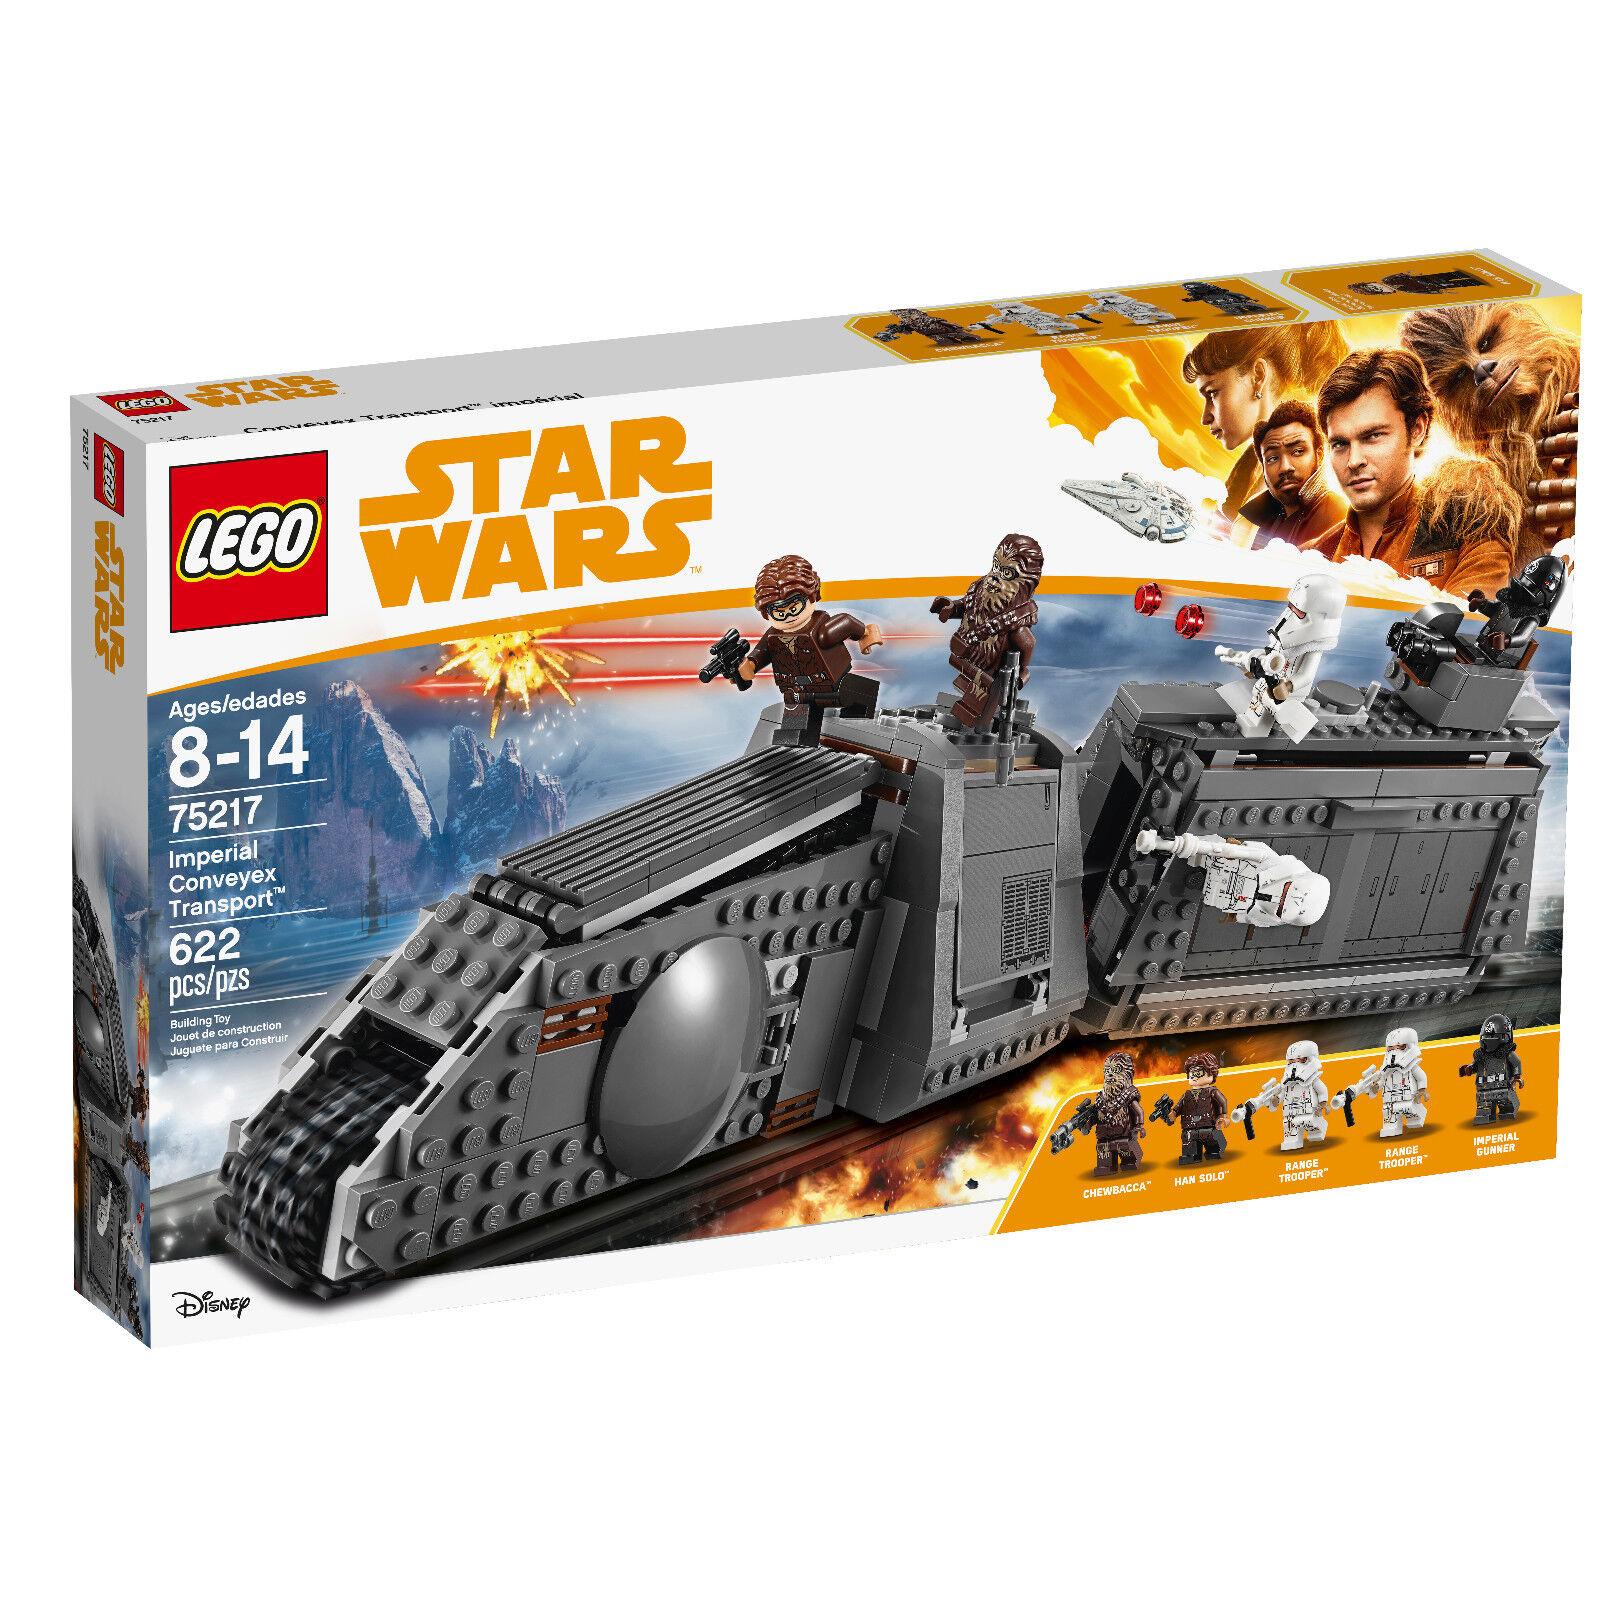 LEGO Star Wars TM Imperial Conveyex Transport, 622pcs 622pcs 622pcs (75217) d1e622